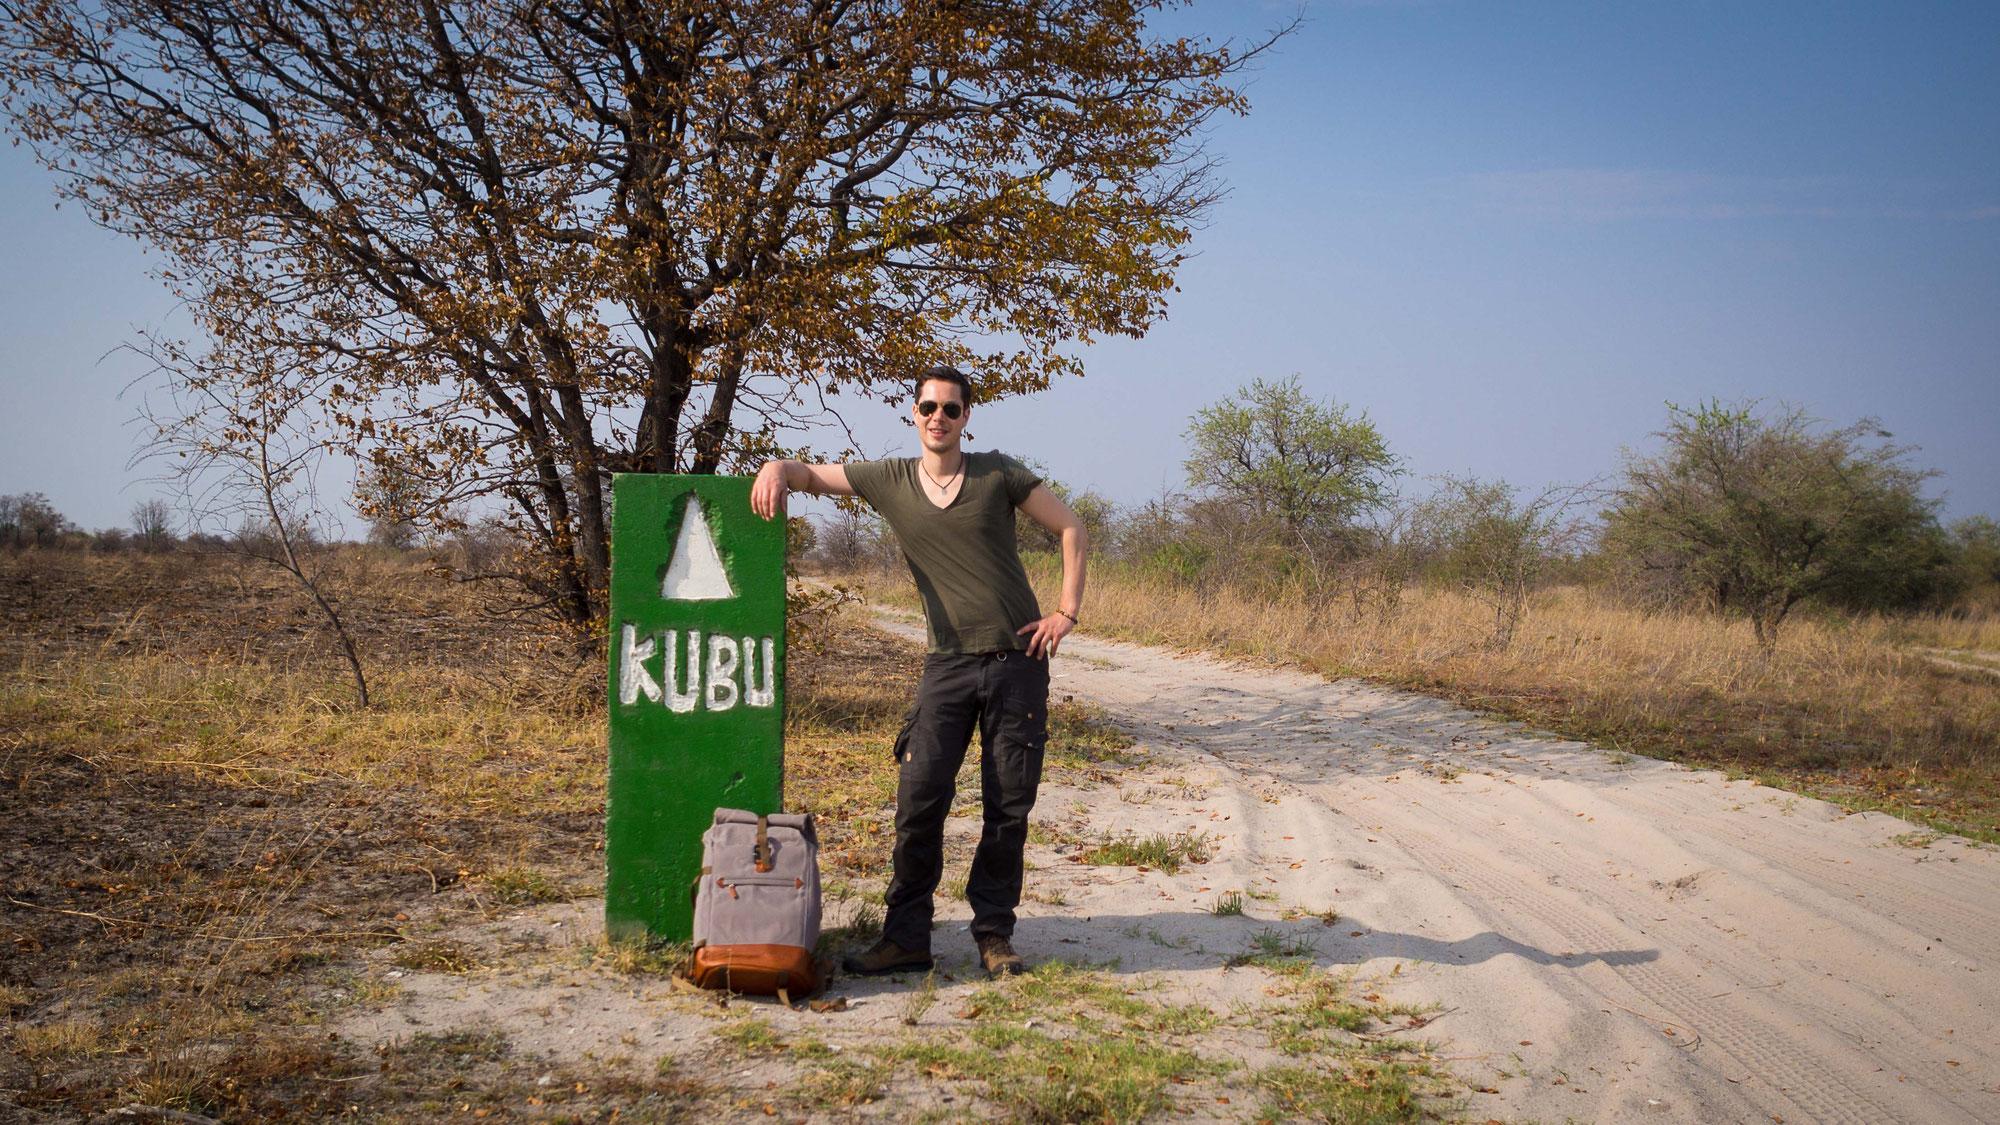 reisebericht - auf der suche nach dem tiefsand in den nationalparks von botswana - eine selbstfahrerreise auf 3.508 km - teil i